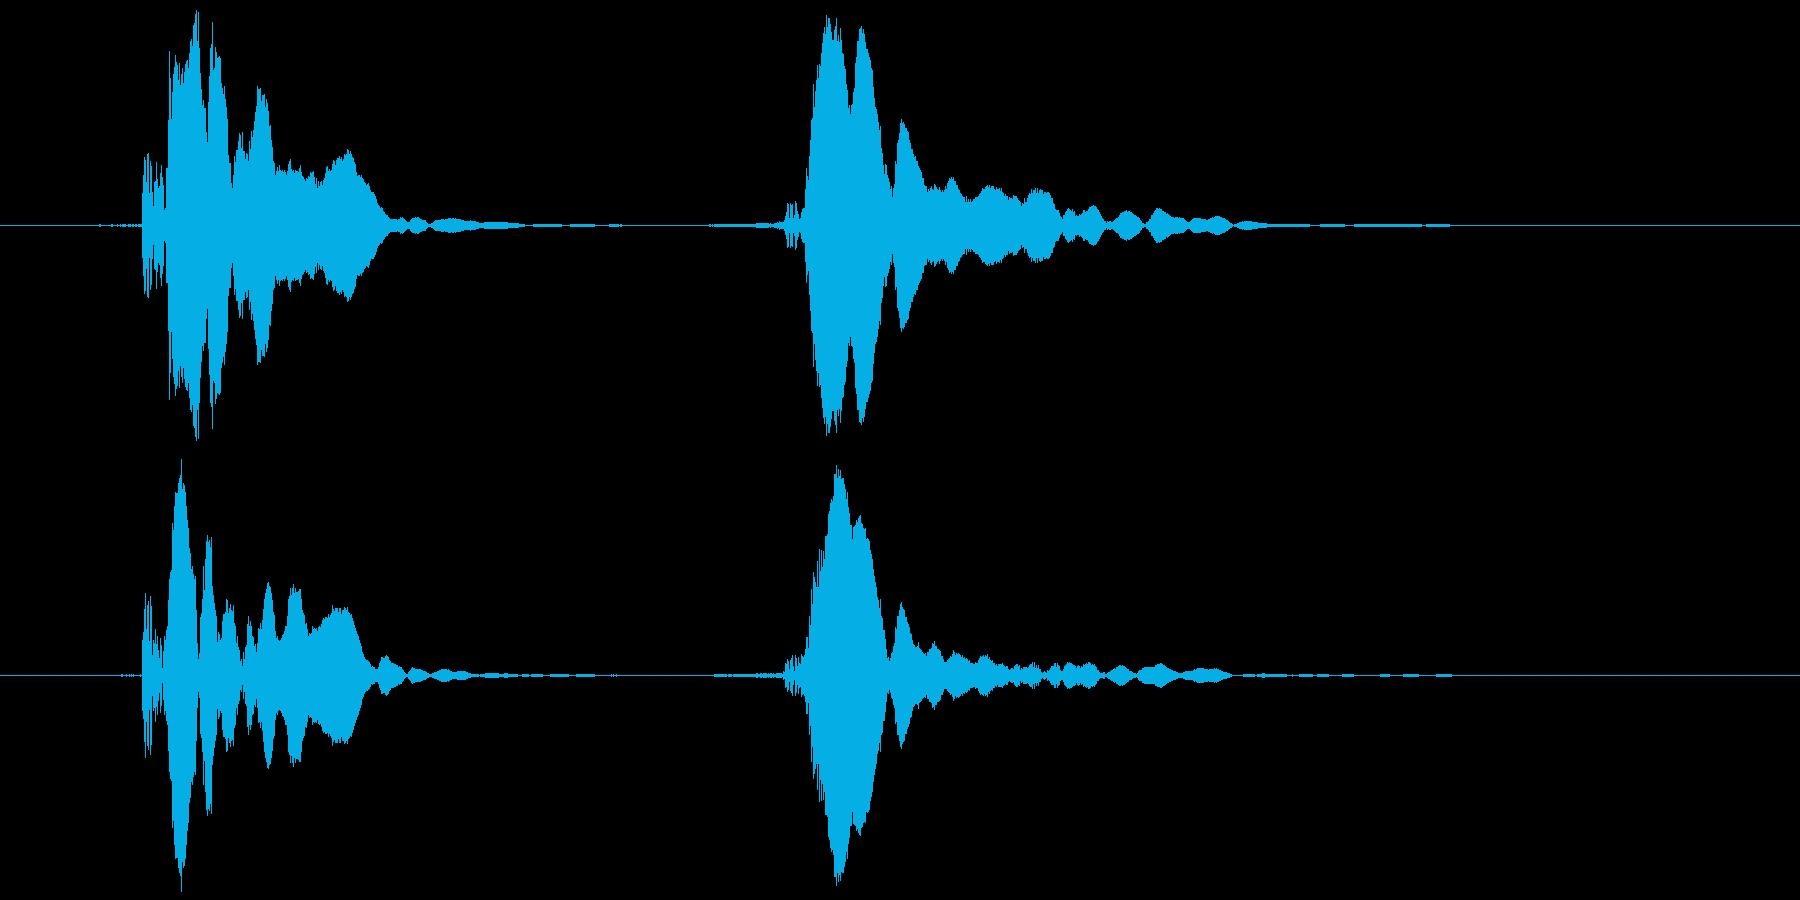 ピコピコハンマー ピコッ (高め)の再生済みの波形